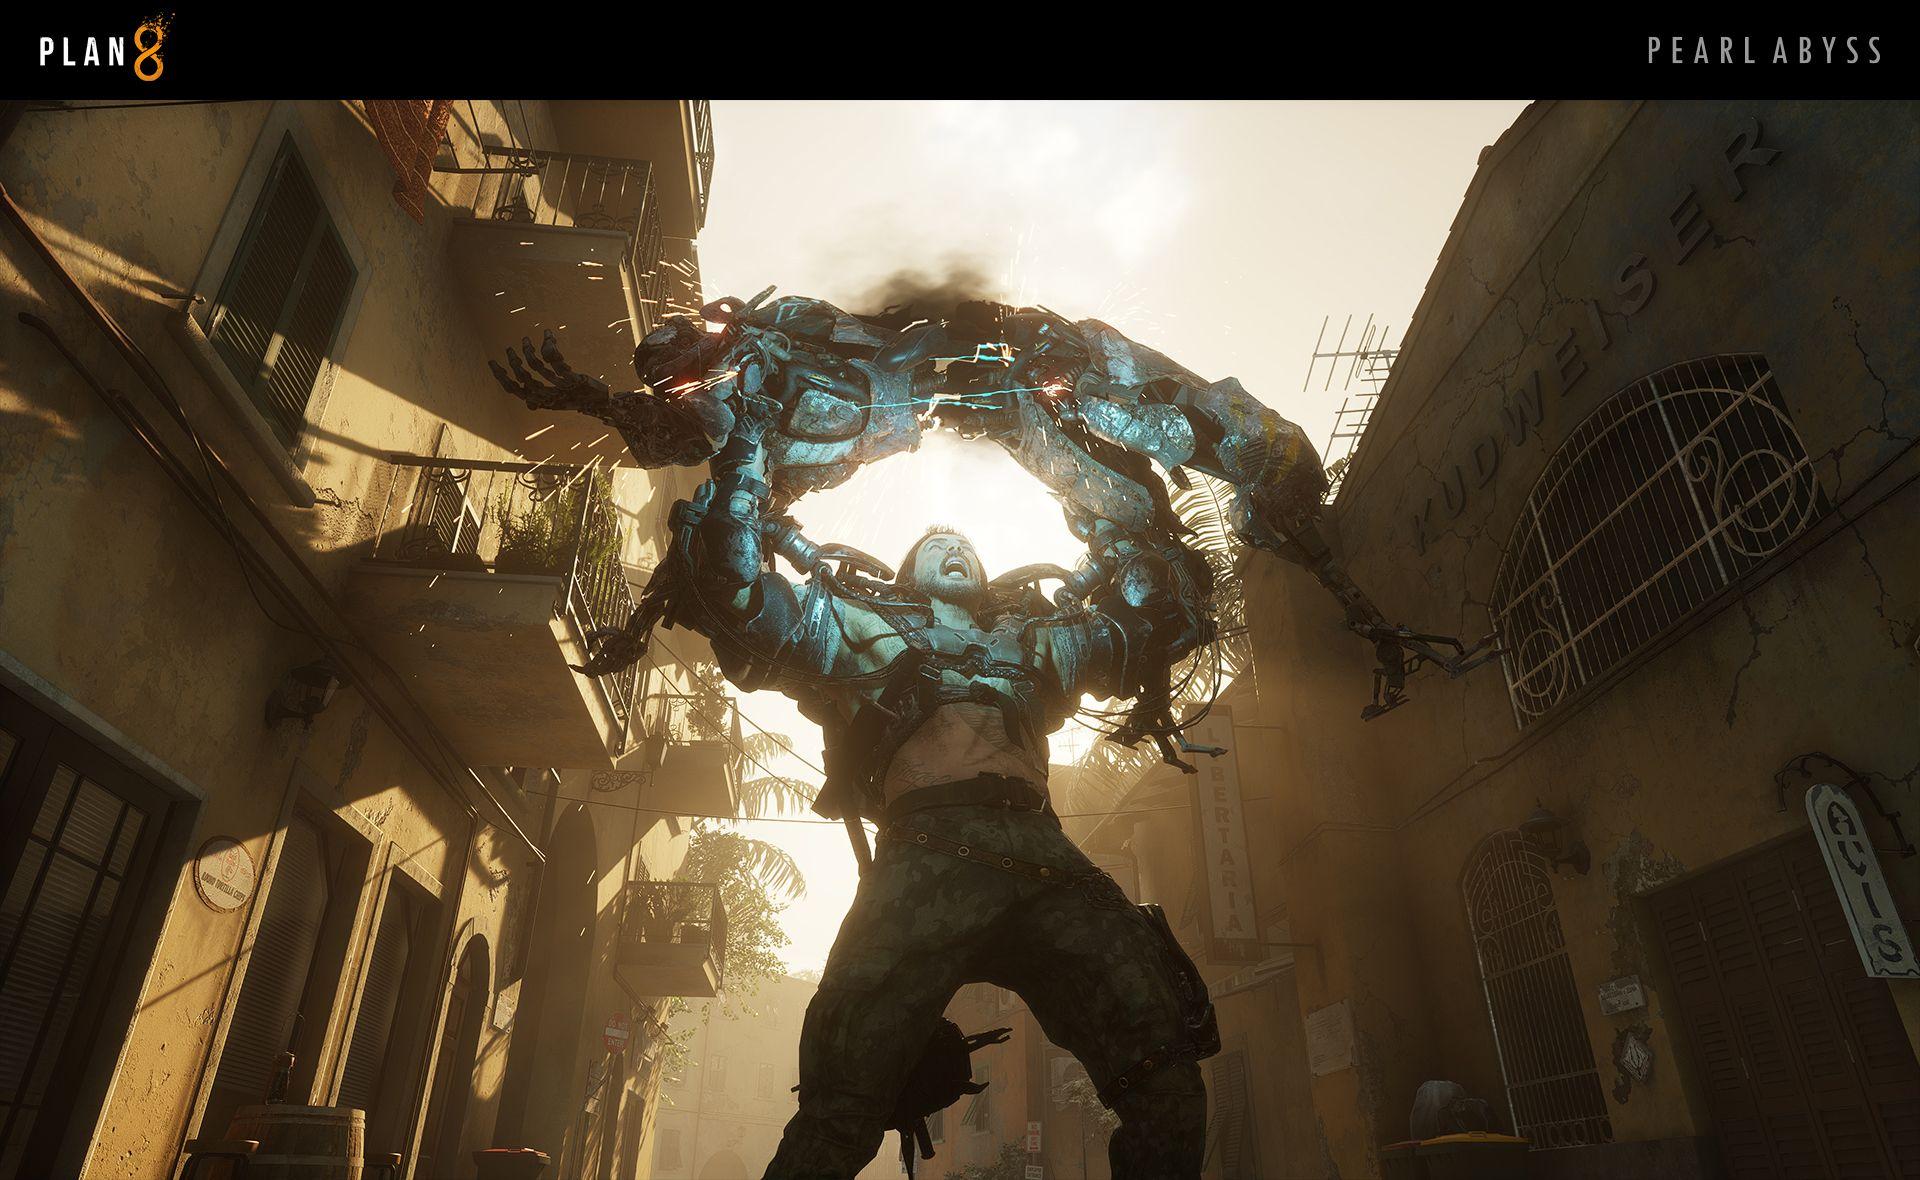 La Pearl Abyss svela nuove immagini e dettagli di PLAN 8, il suo nuovo MMO Shooter